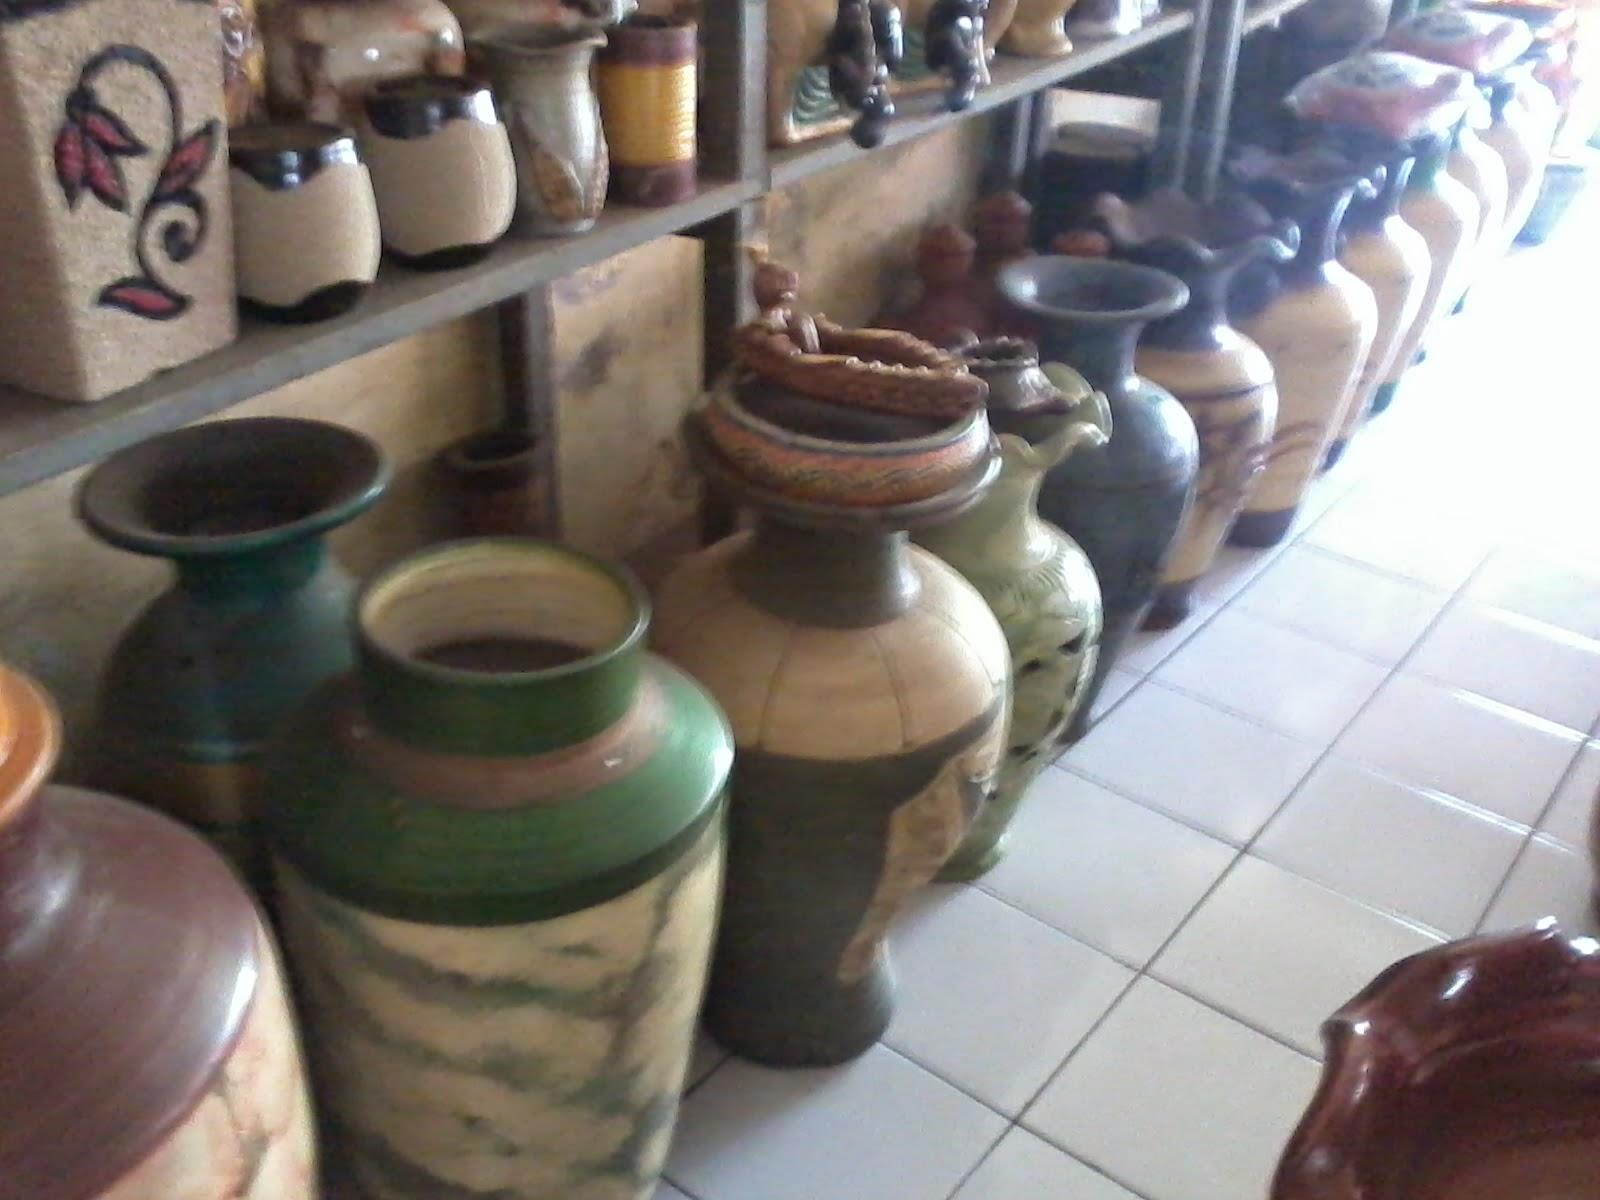 Jual Macam-macam Gerabah/Keramik : Pot Bunga, Pot Clay